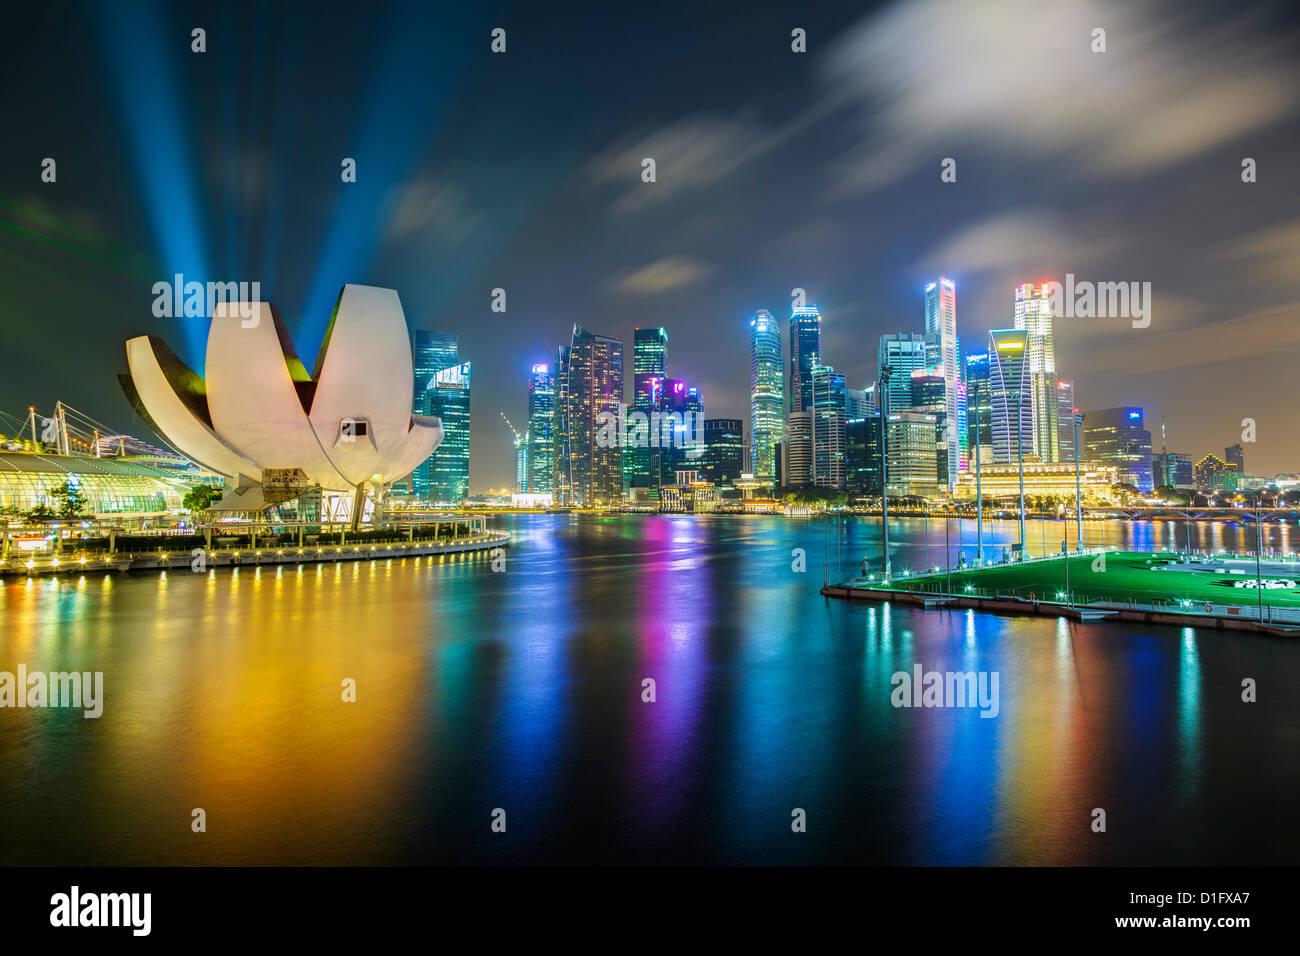 Museo de la ciencia del arte y de la ciudad de Marina Bay, Singapur, Sudeste de Asia, Asia Foto de stock